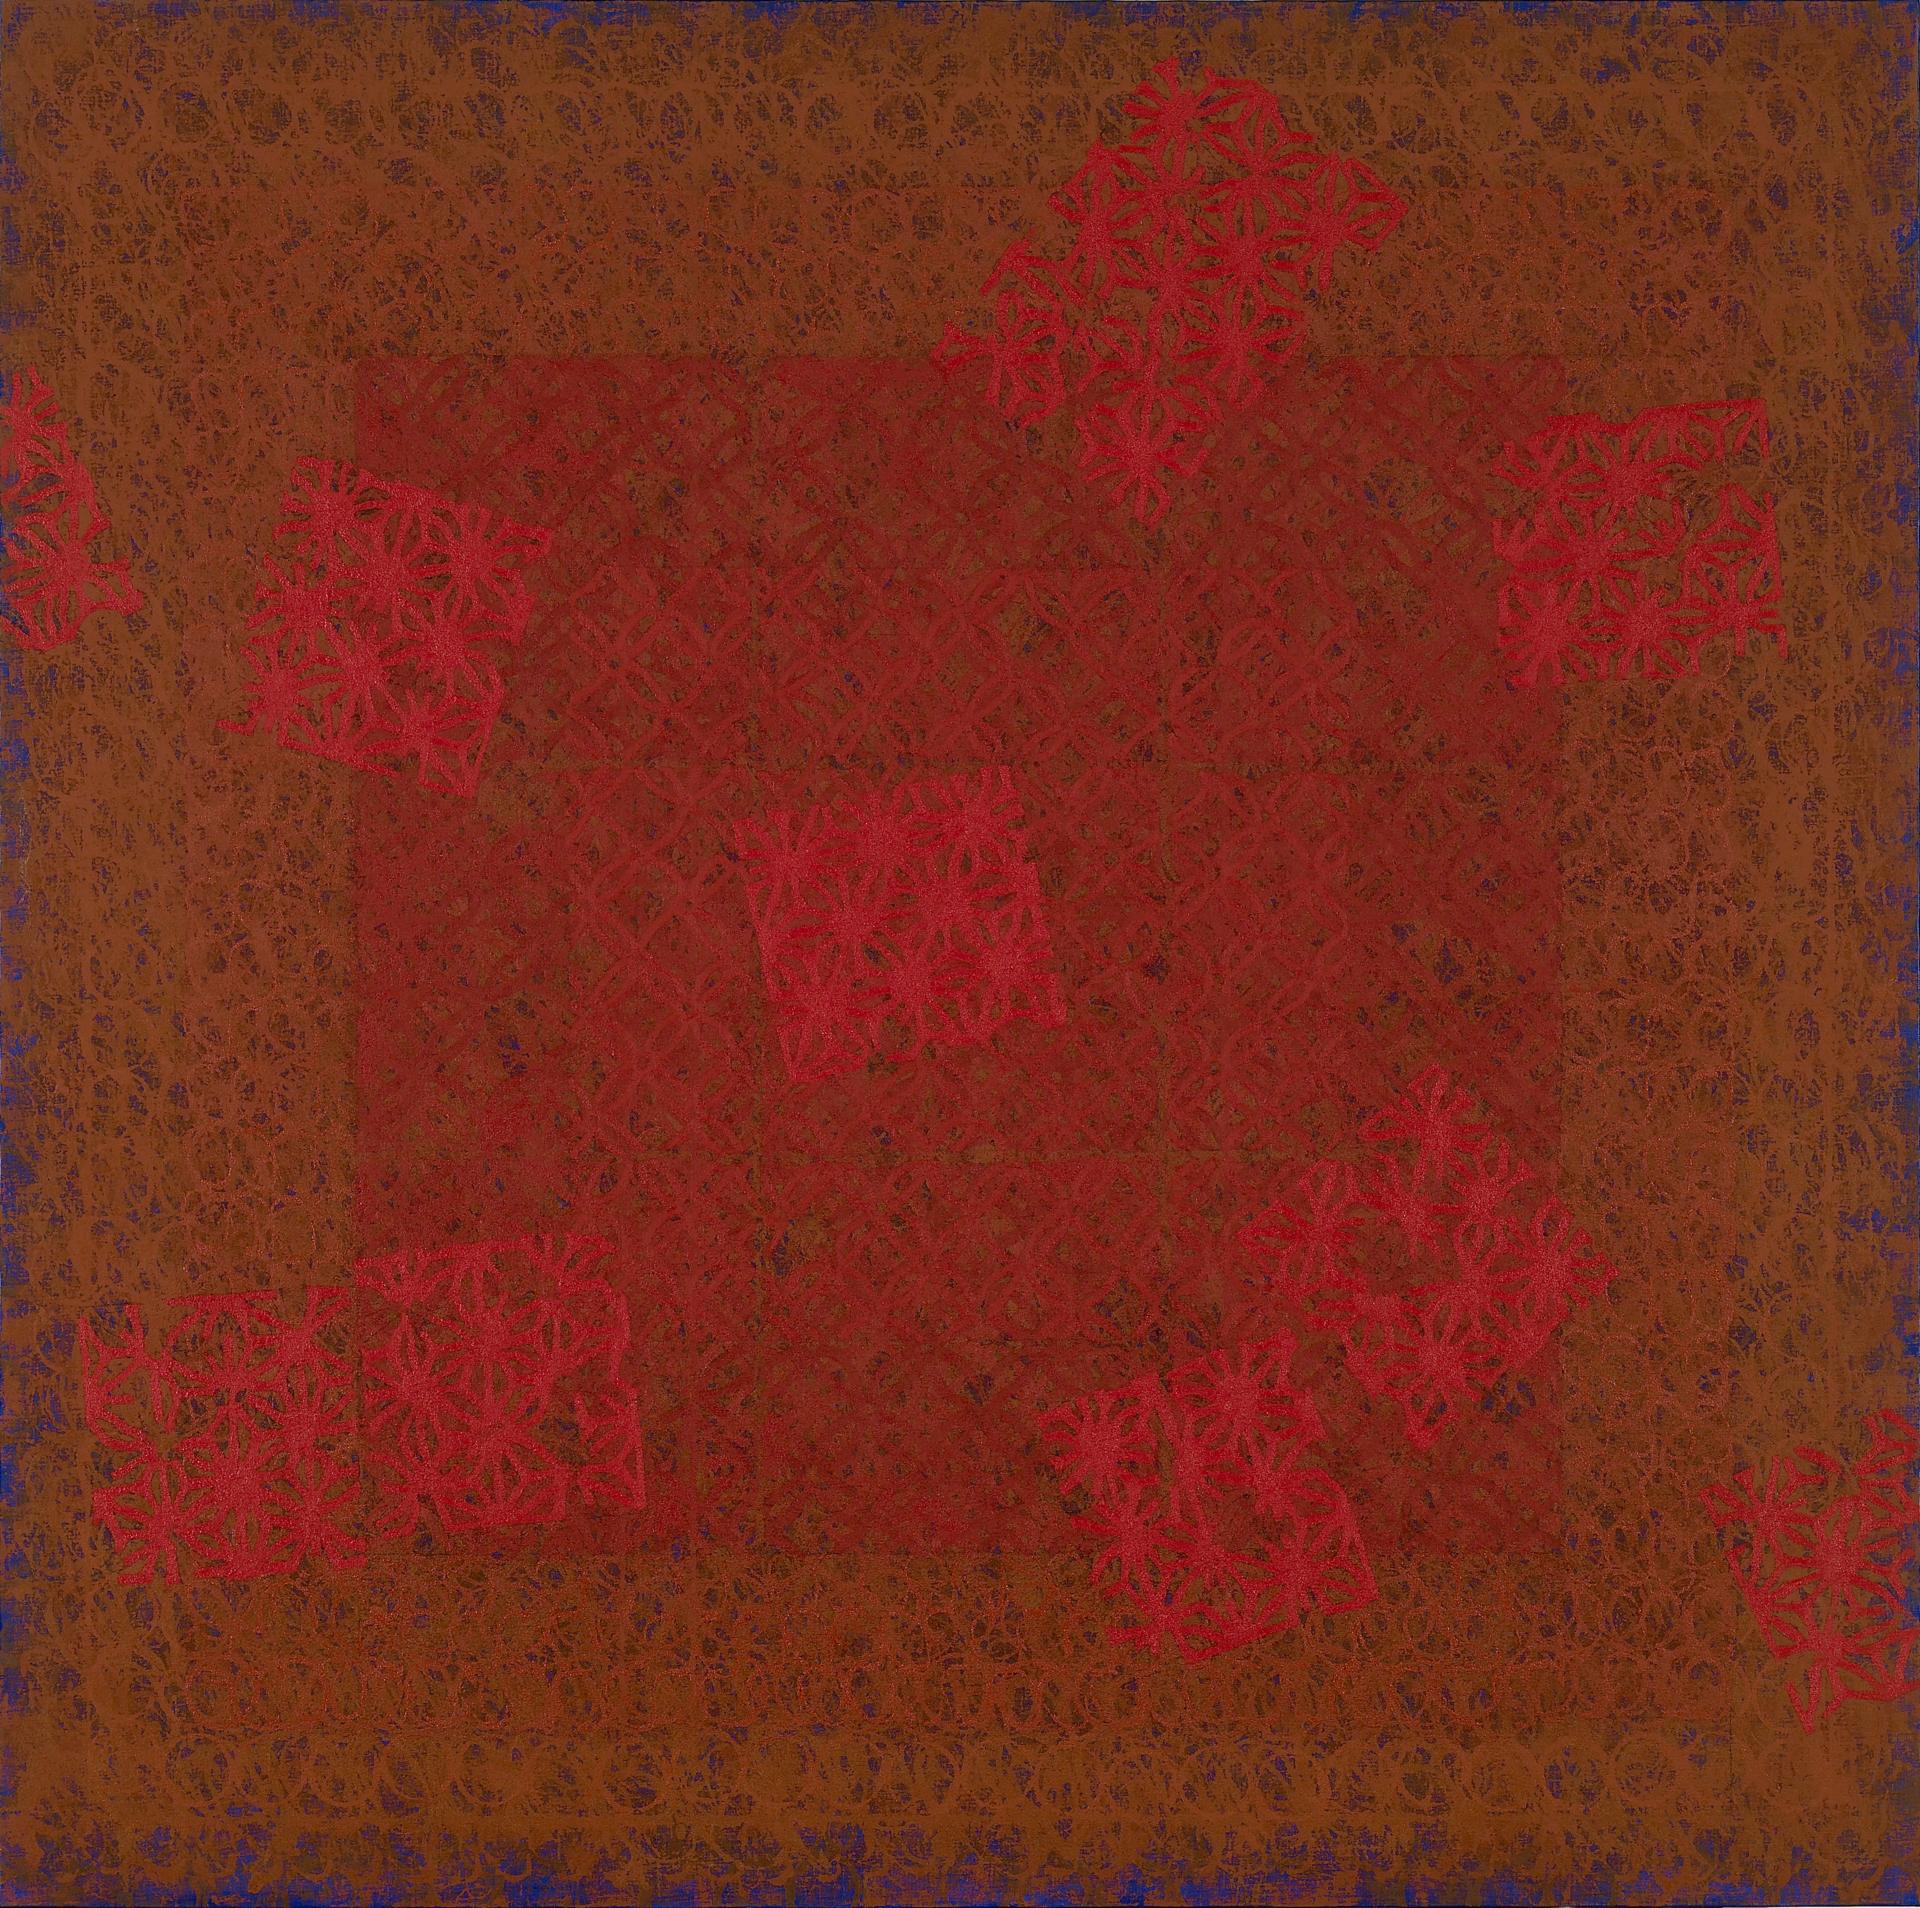 """""""붉은 종이꽃이 있는 풍경 """" / 2008 / 180x180cm, Oil on Canvas"""